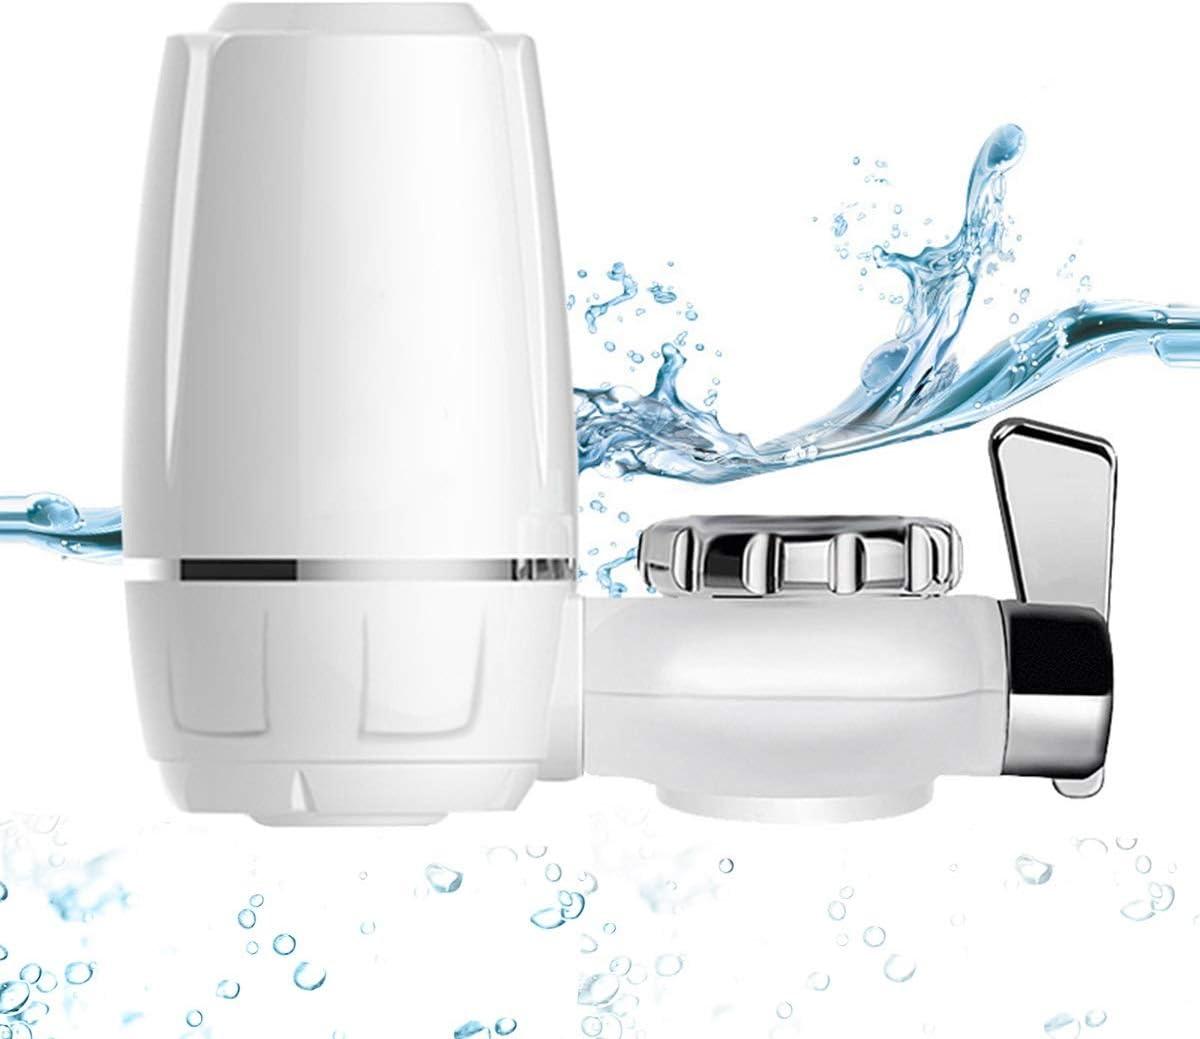 Jinxuny Kit de Filtro de Agua del Grifo Sistema de purificación Duradera y Duradera del Sistema de purificación del Grifo para la Cocina del hogar: Amazon.es: Hogar